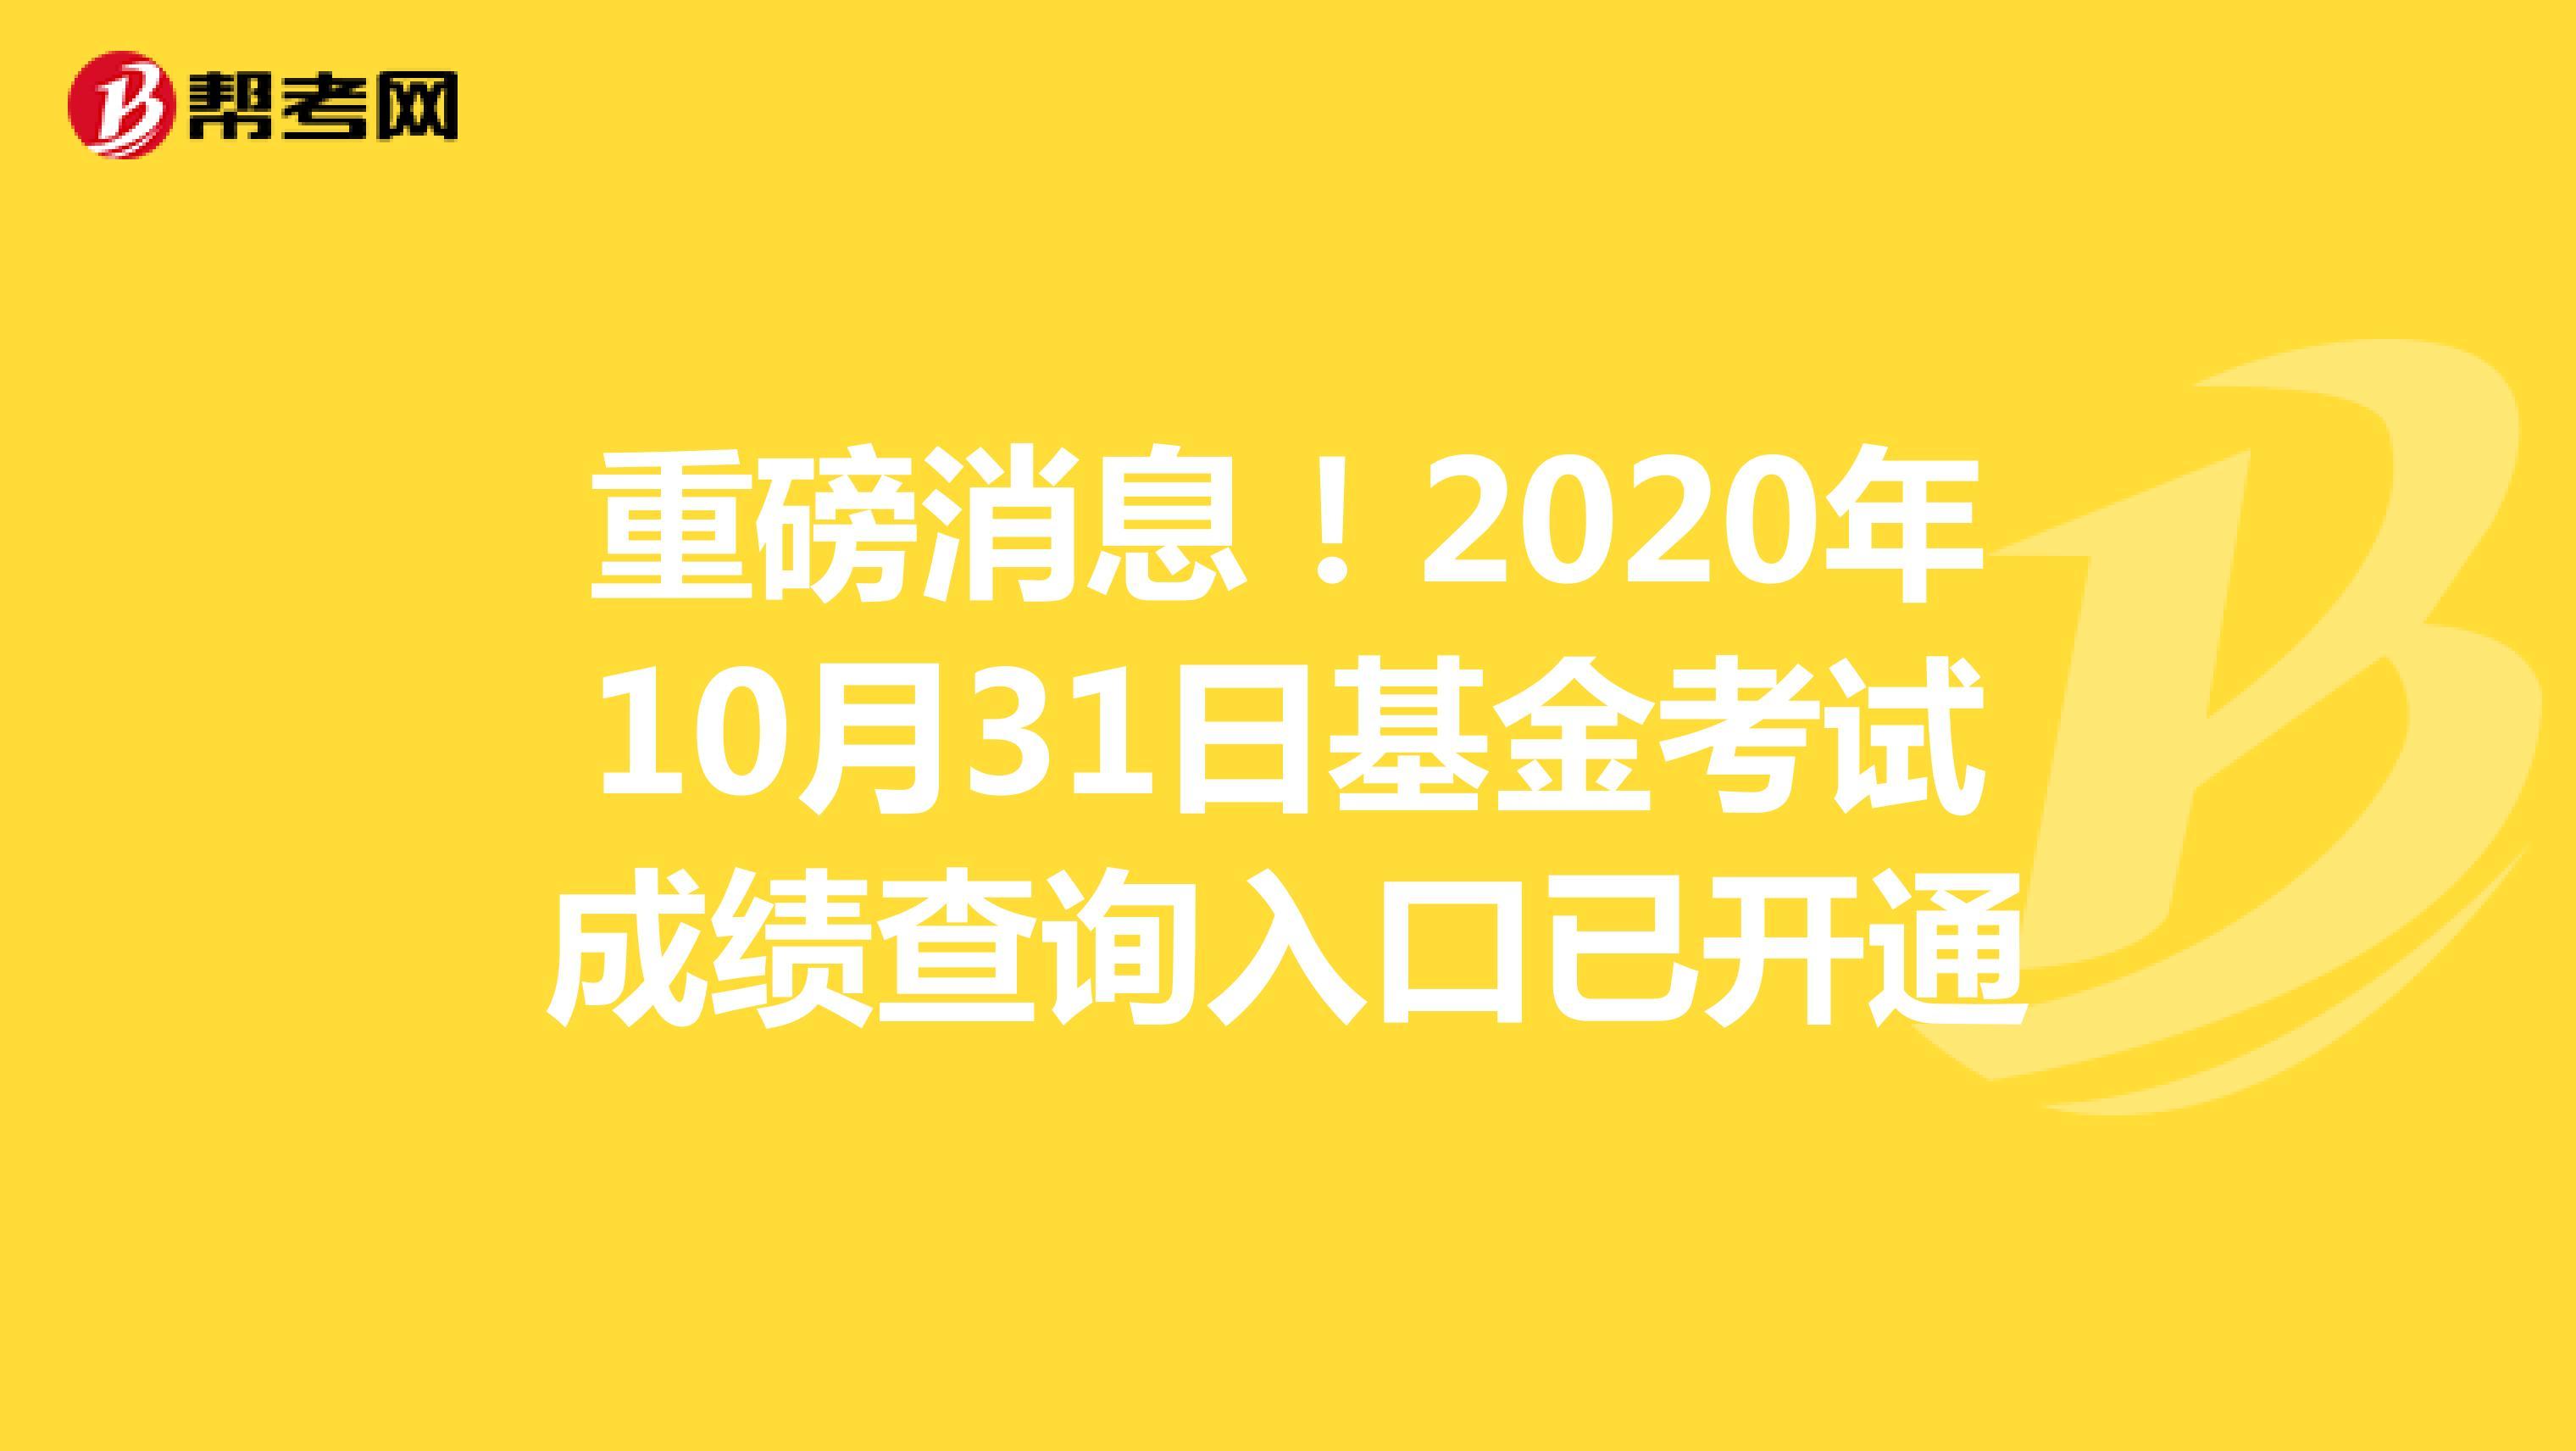 重磅消息!2020年10月31日基金考试成绩查询入口已开通